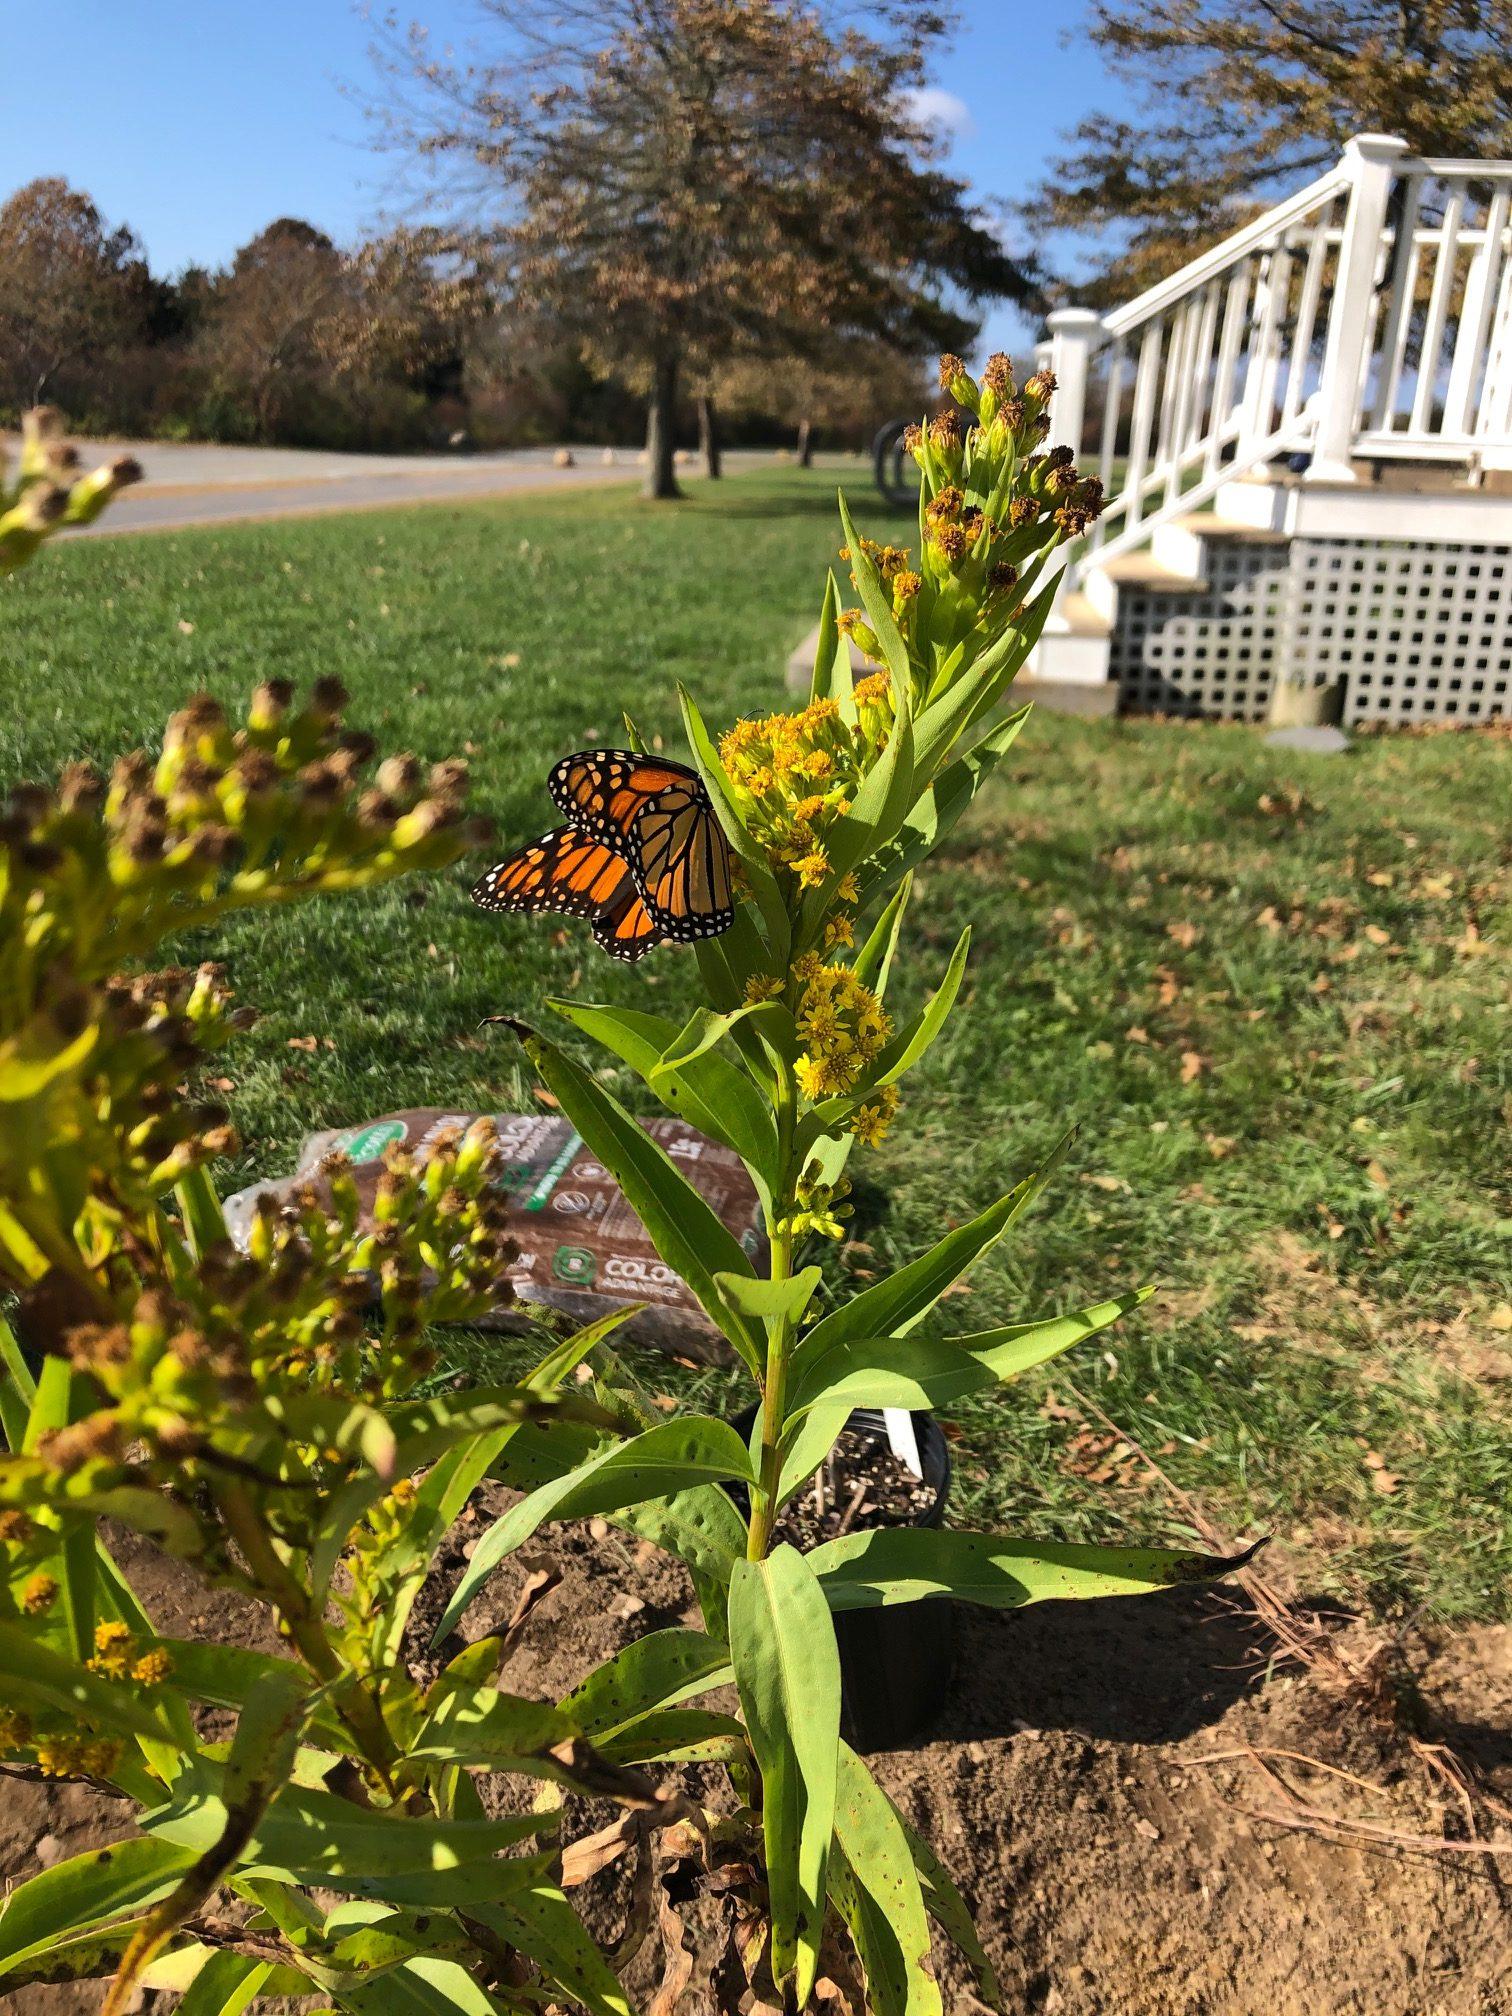 A monarch butterfly in a rain garden in Charlestown, Rhode Island.